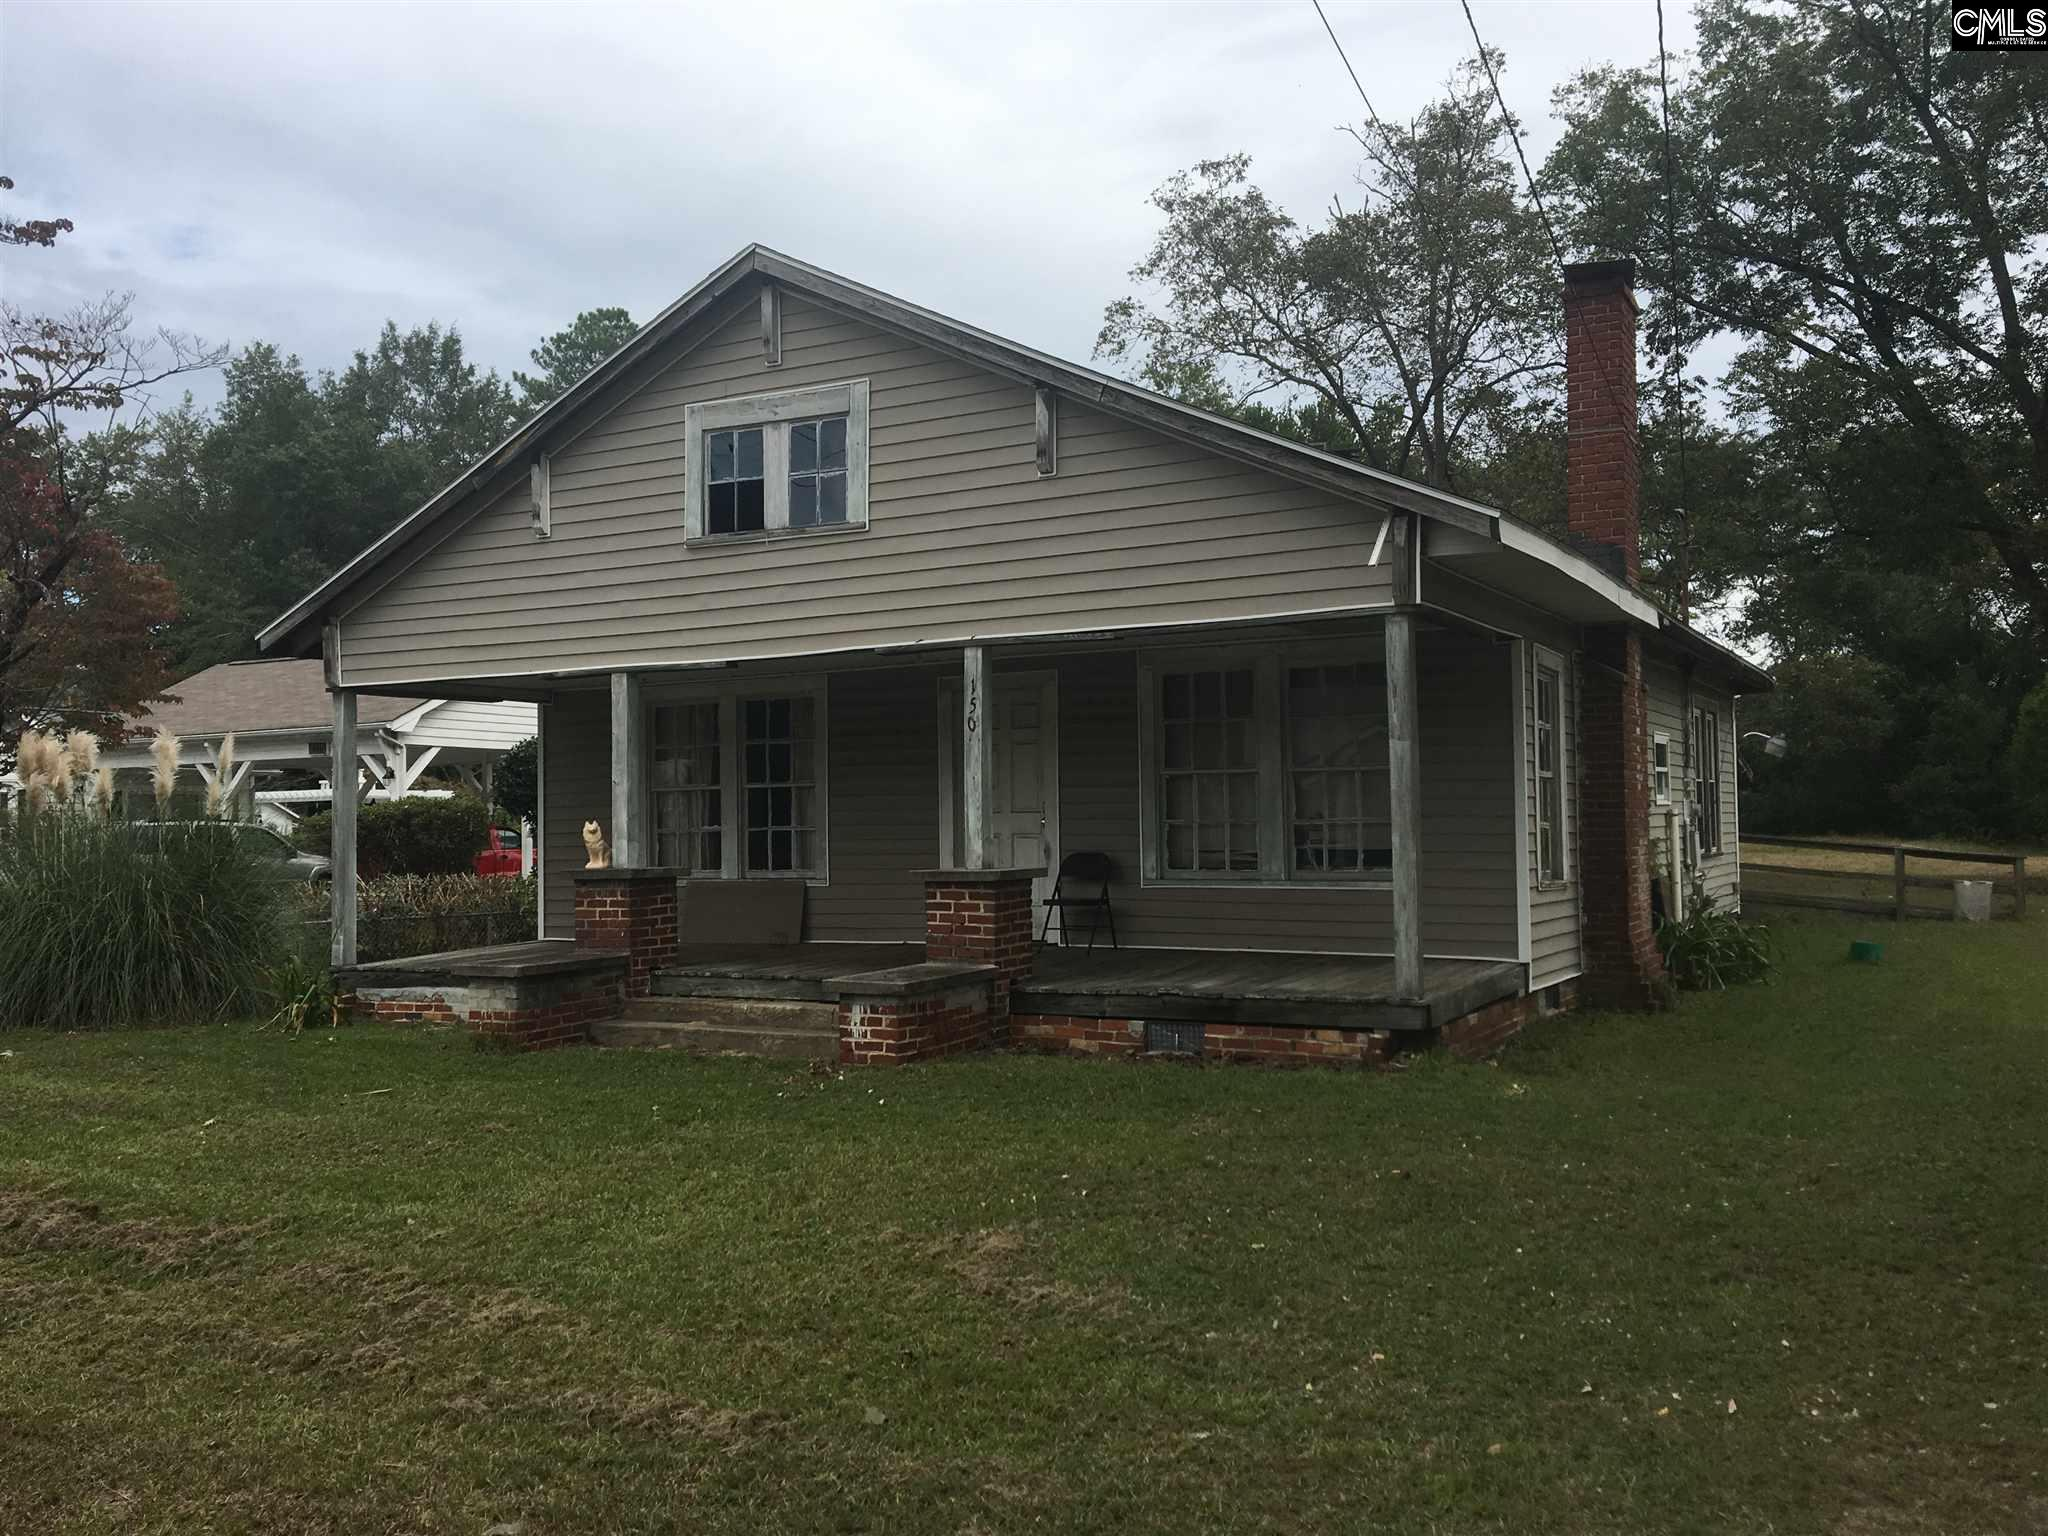 150 S East Leesville, SC 29070